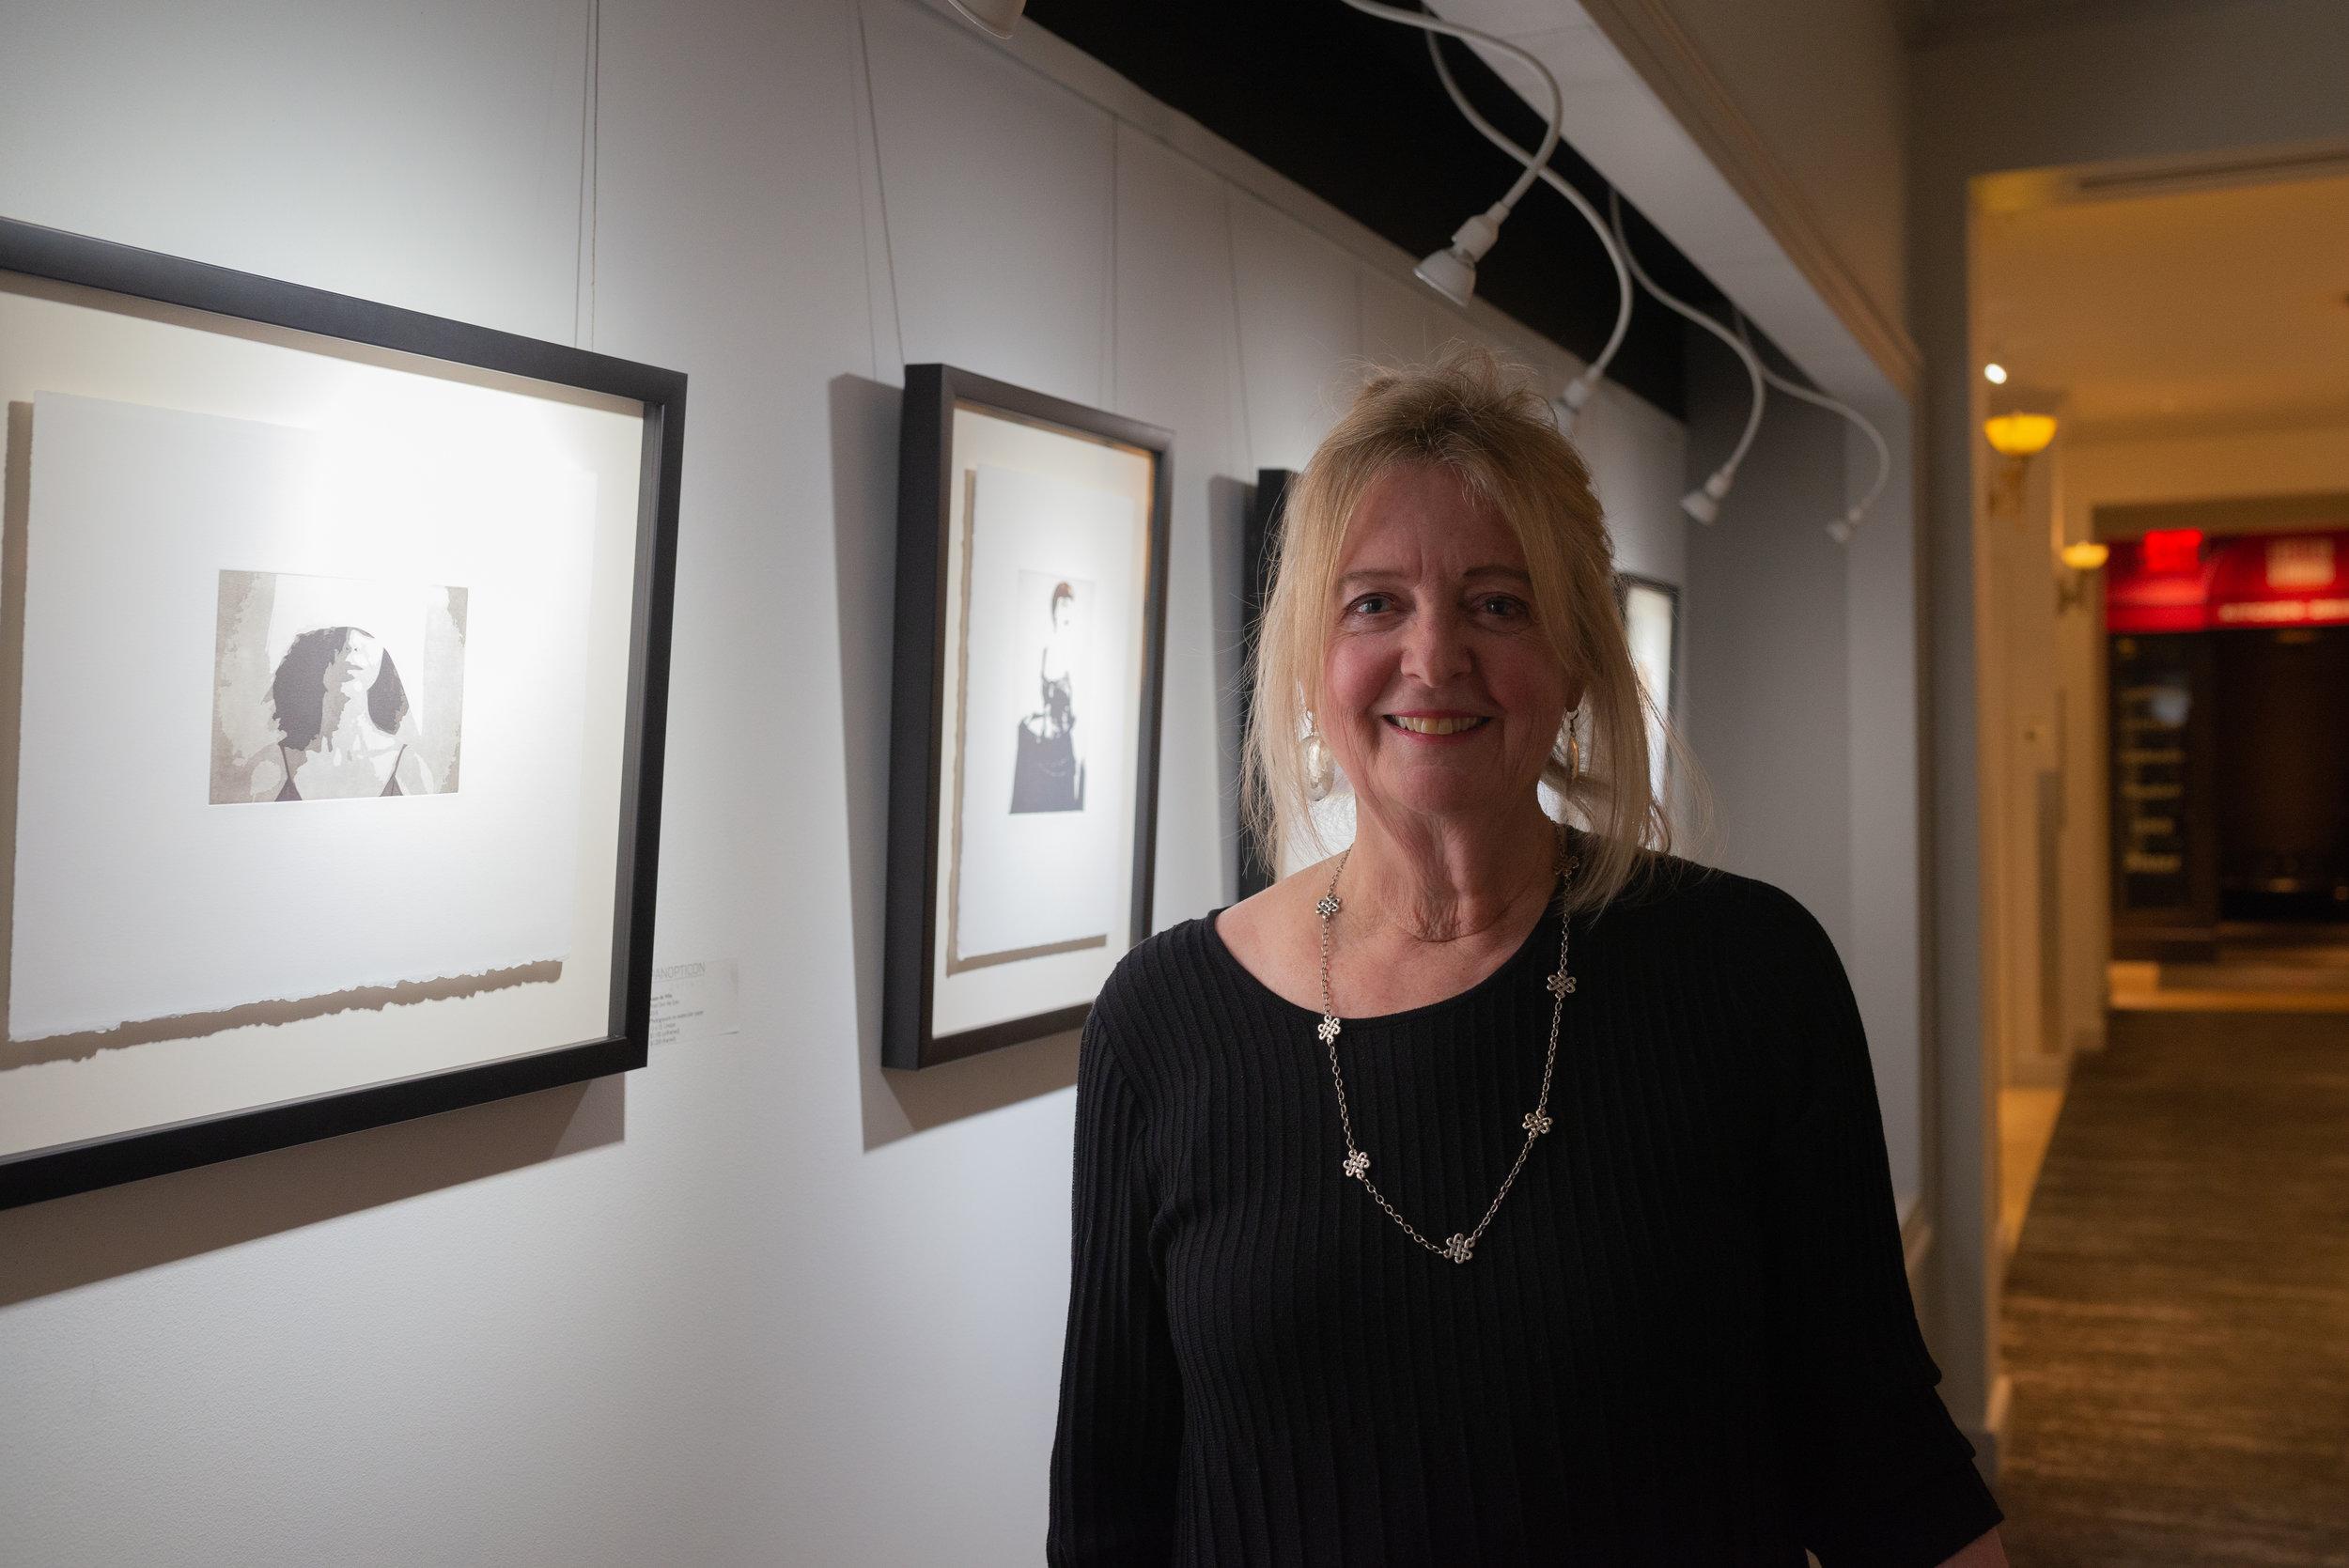 Susan De Witt, portrait in front of work.